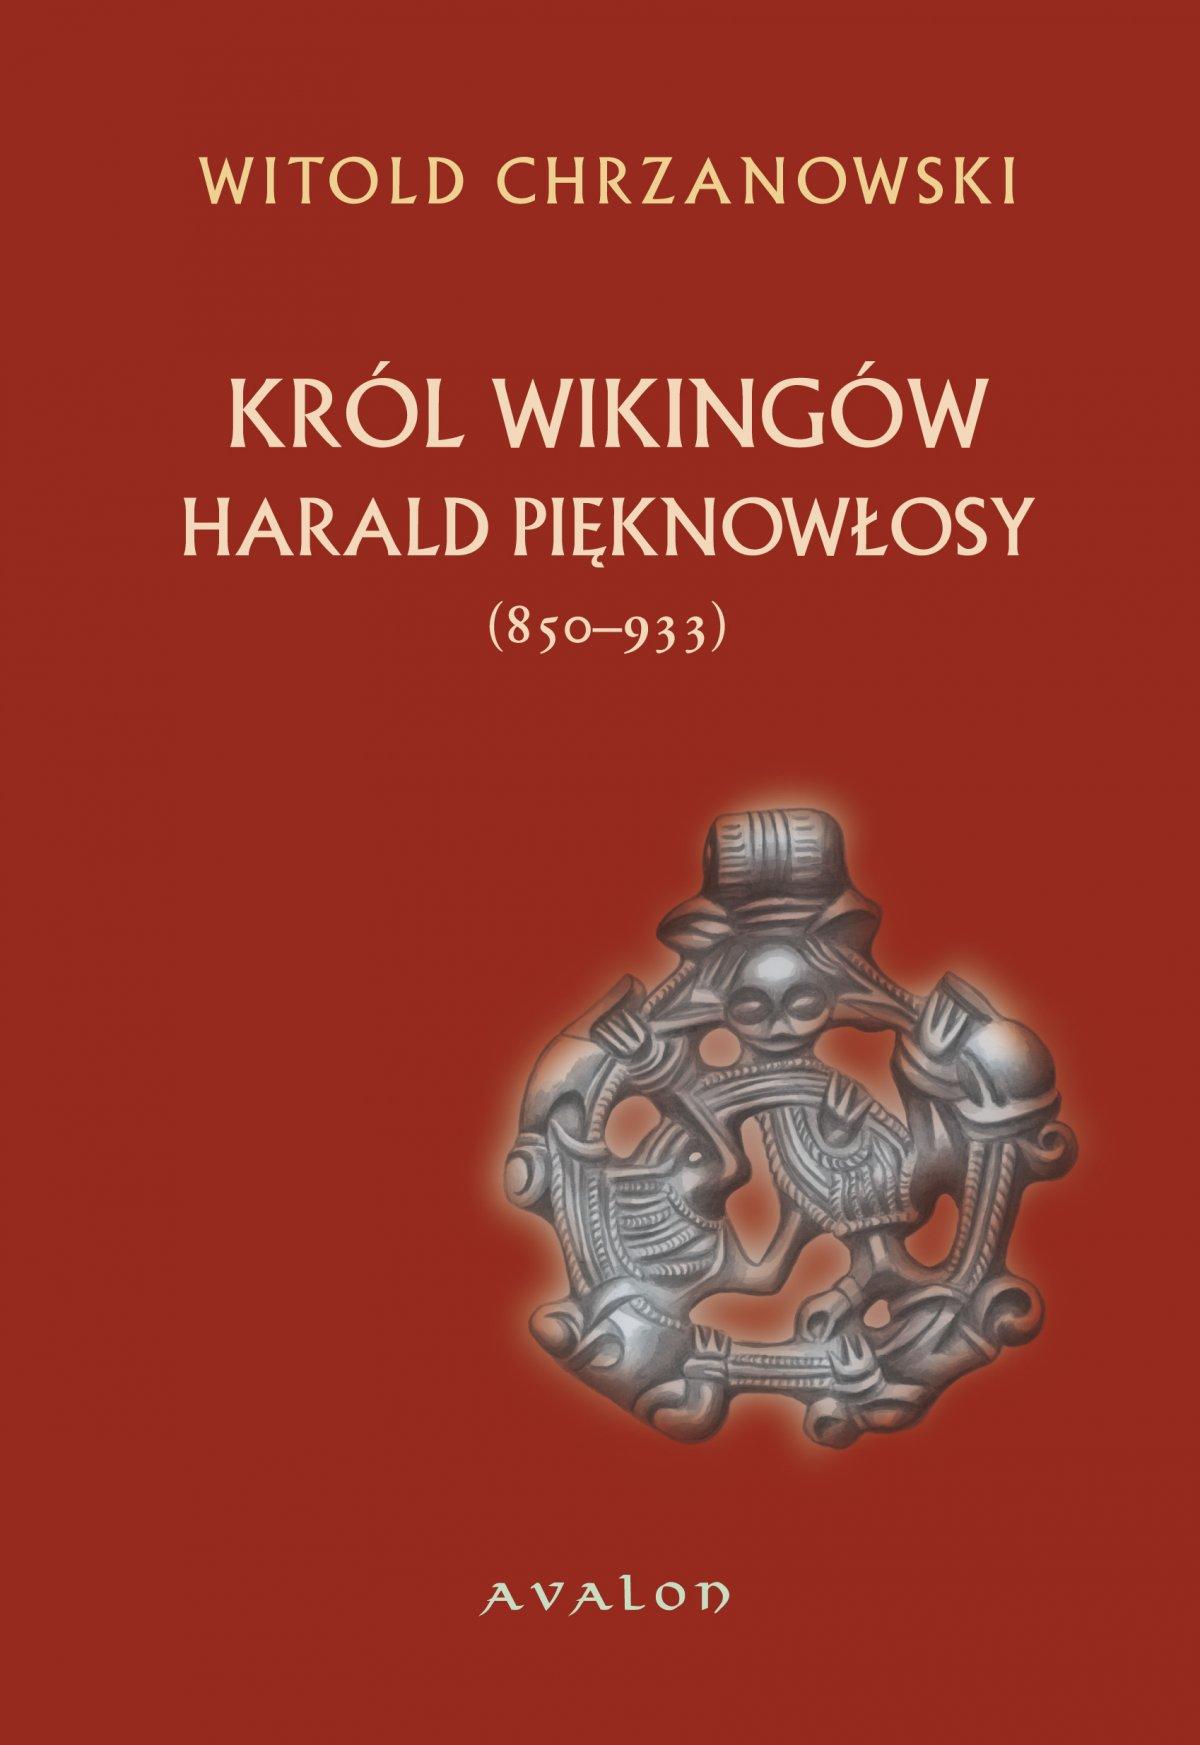 Harald Pięknowłosy (ok. 850-933) Król Wikingów - Ebook (Książka PDF) do pobrania w formacie PDF